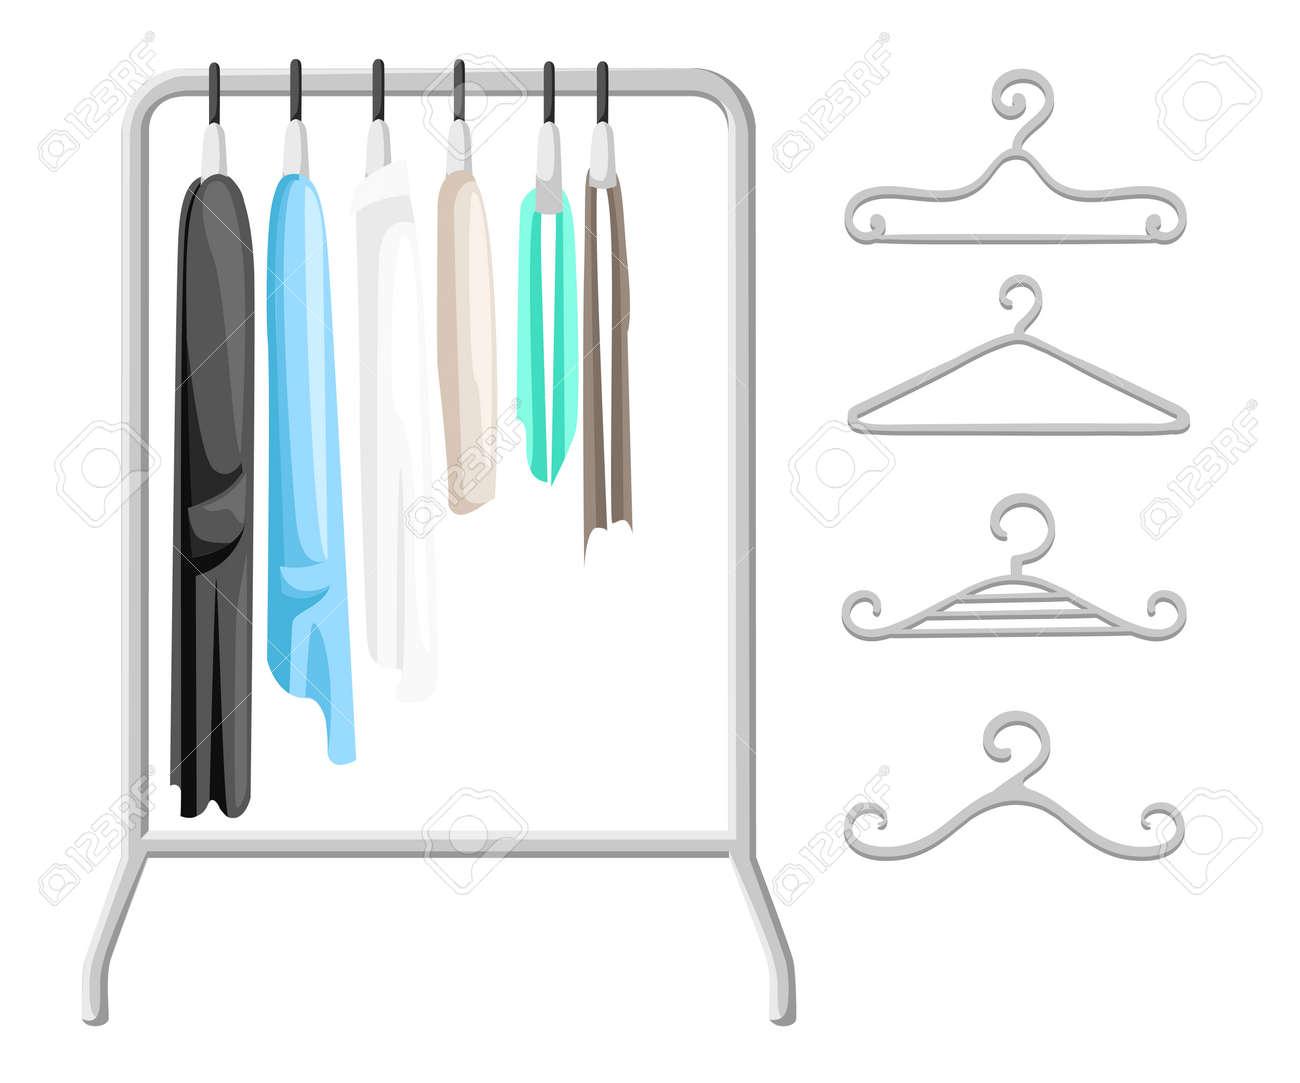 Porte Manteaux Avec Des Vêtements Sur Des Cintres Concept D